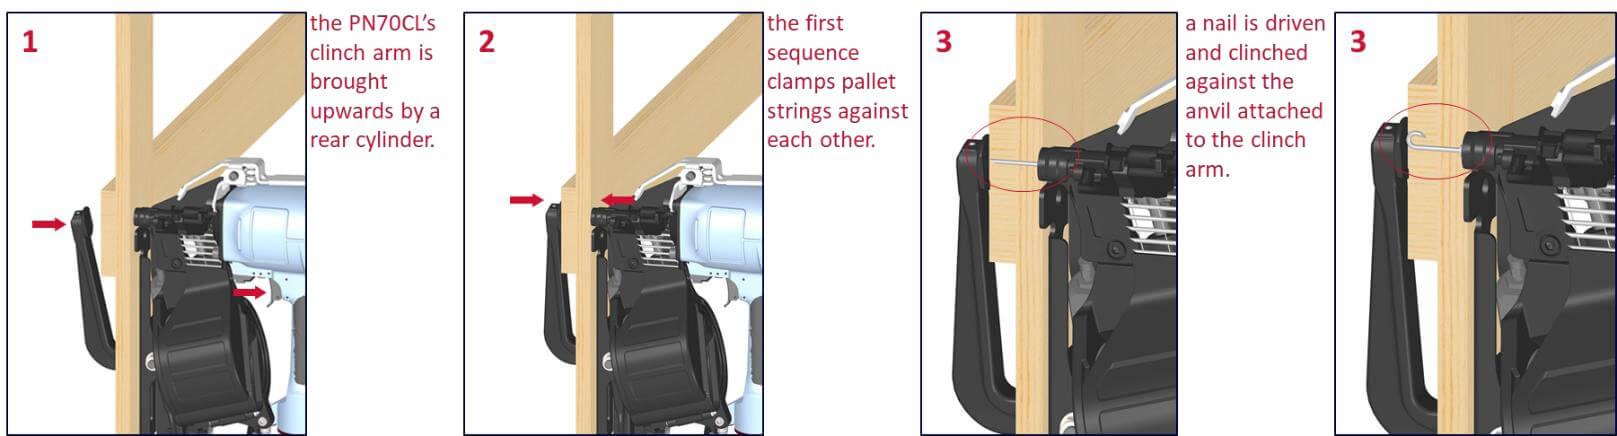 PN70CL-Mechanism.jpg (115 KB)